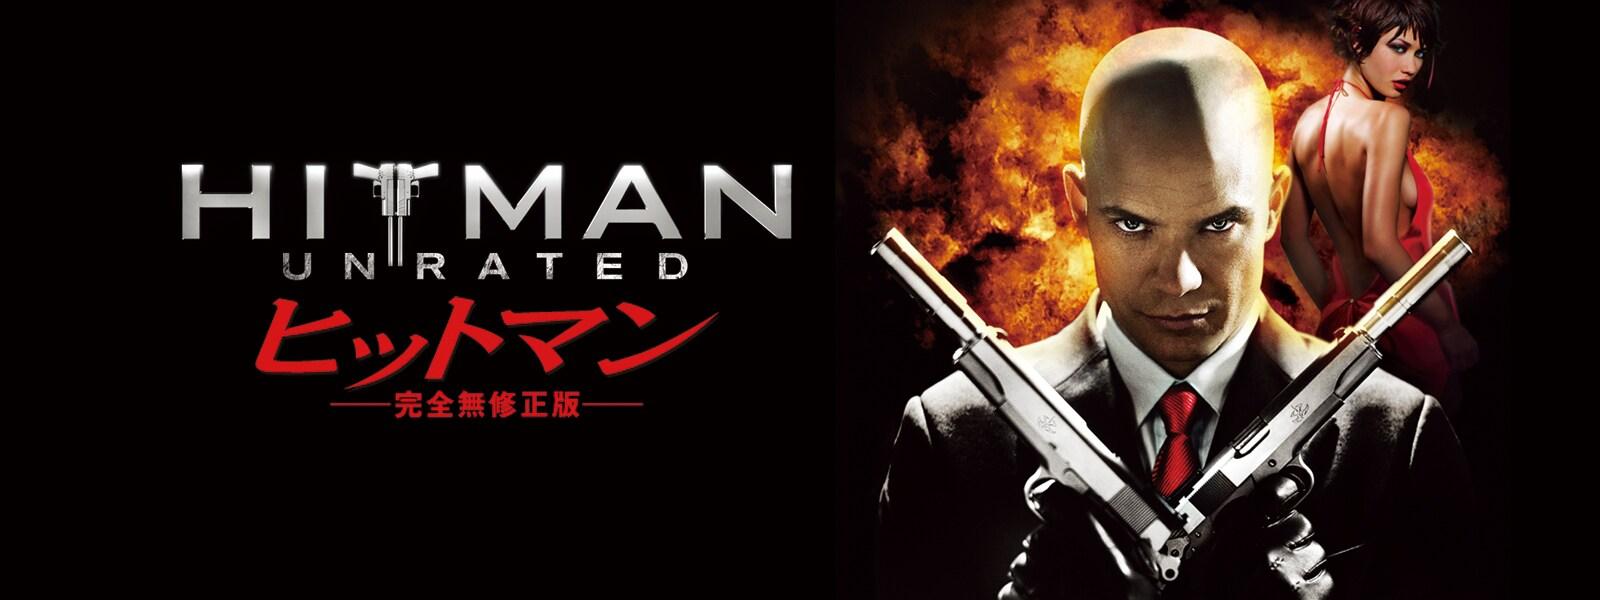 ヒットマン Hitman Hero